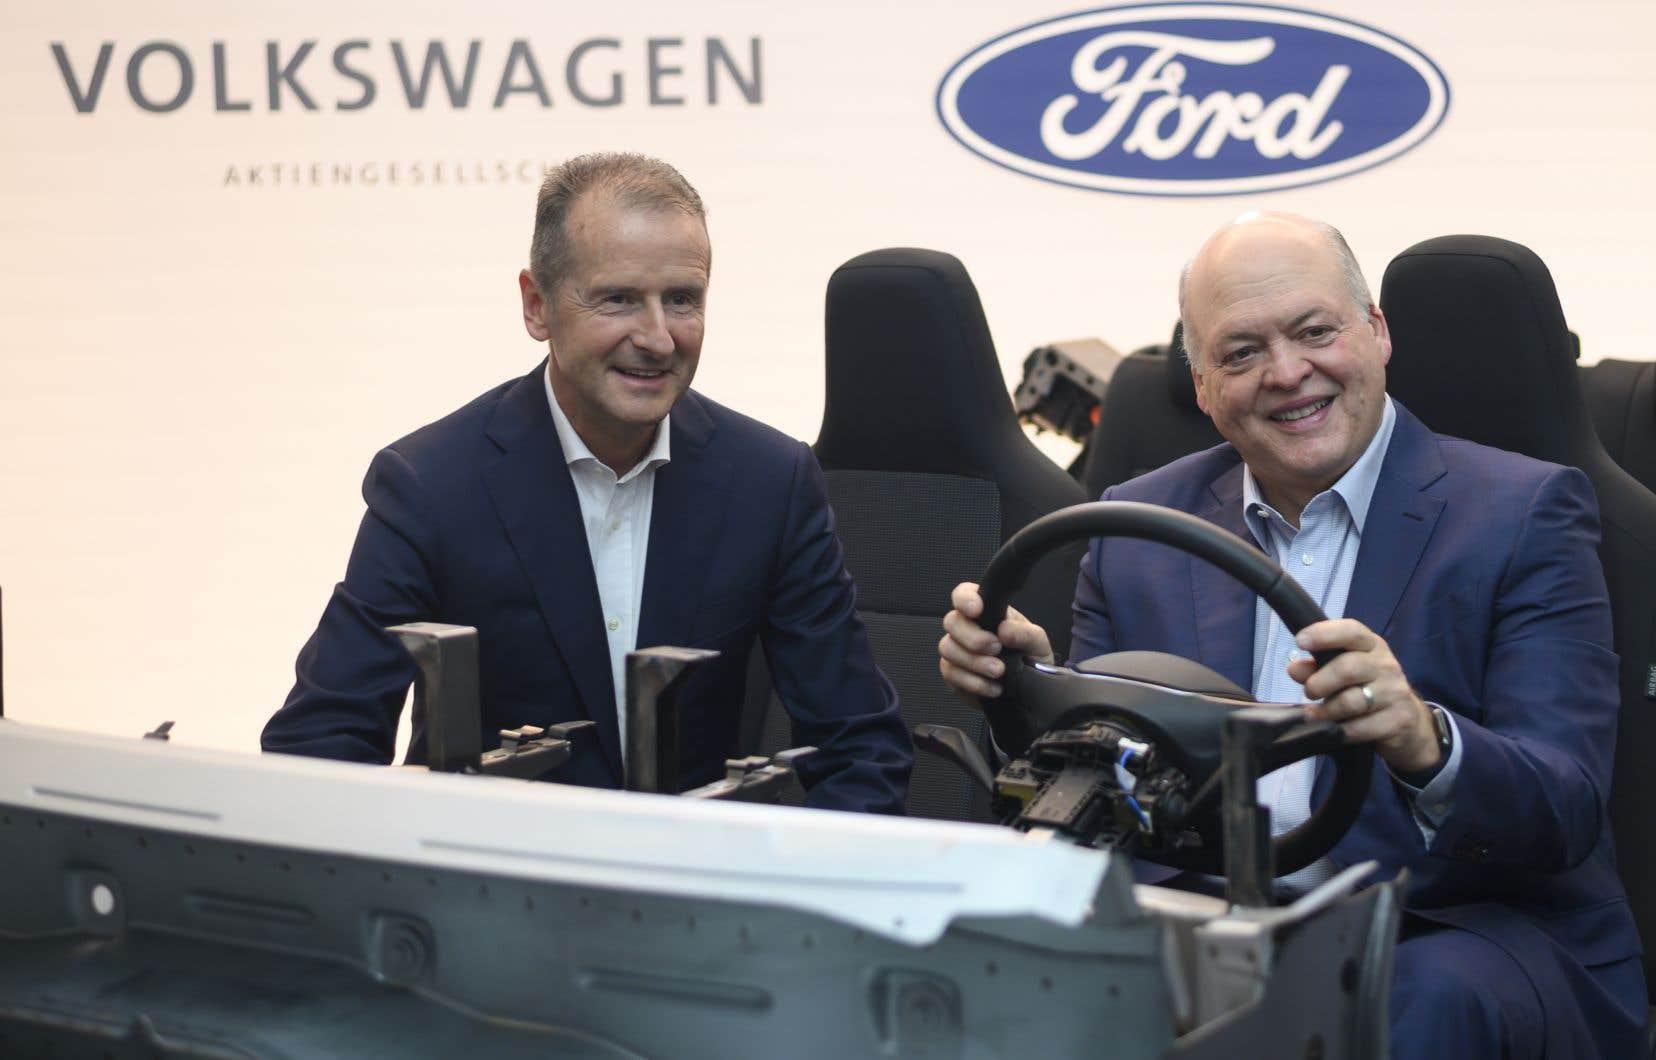 De gauche à droite: Herbert Diess, président-directeur général du Groupe Volkswagen, et Jim Hackett, président et chef de la direction de Ford Motor Company,à l'occasion de la conférence de presse.